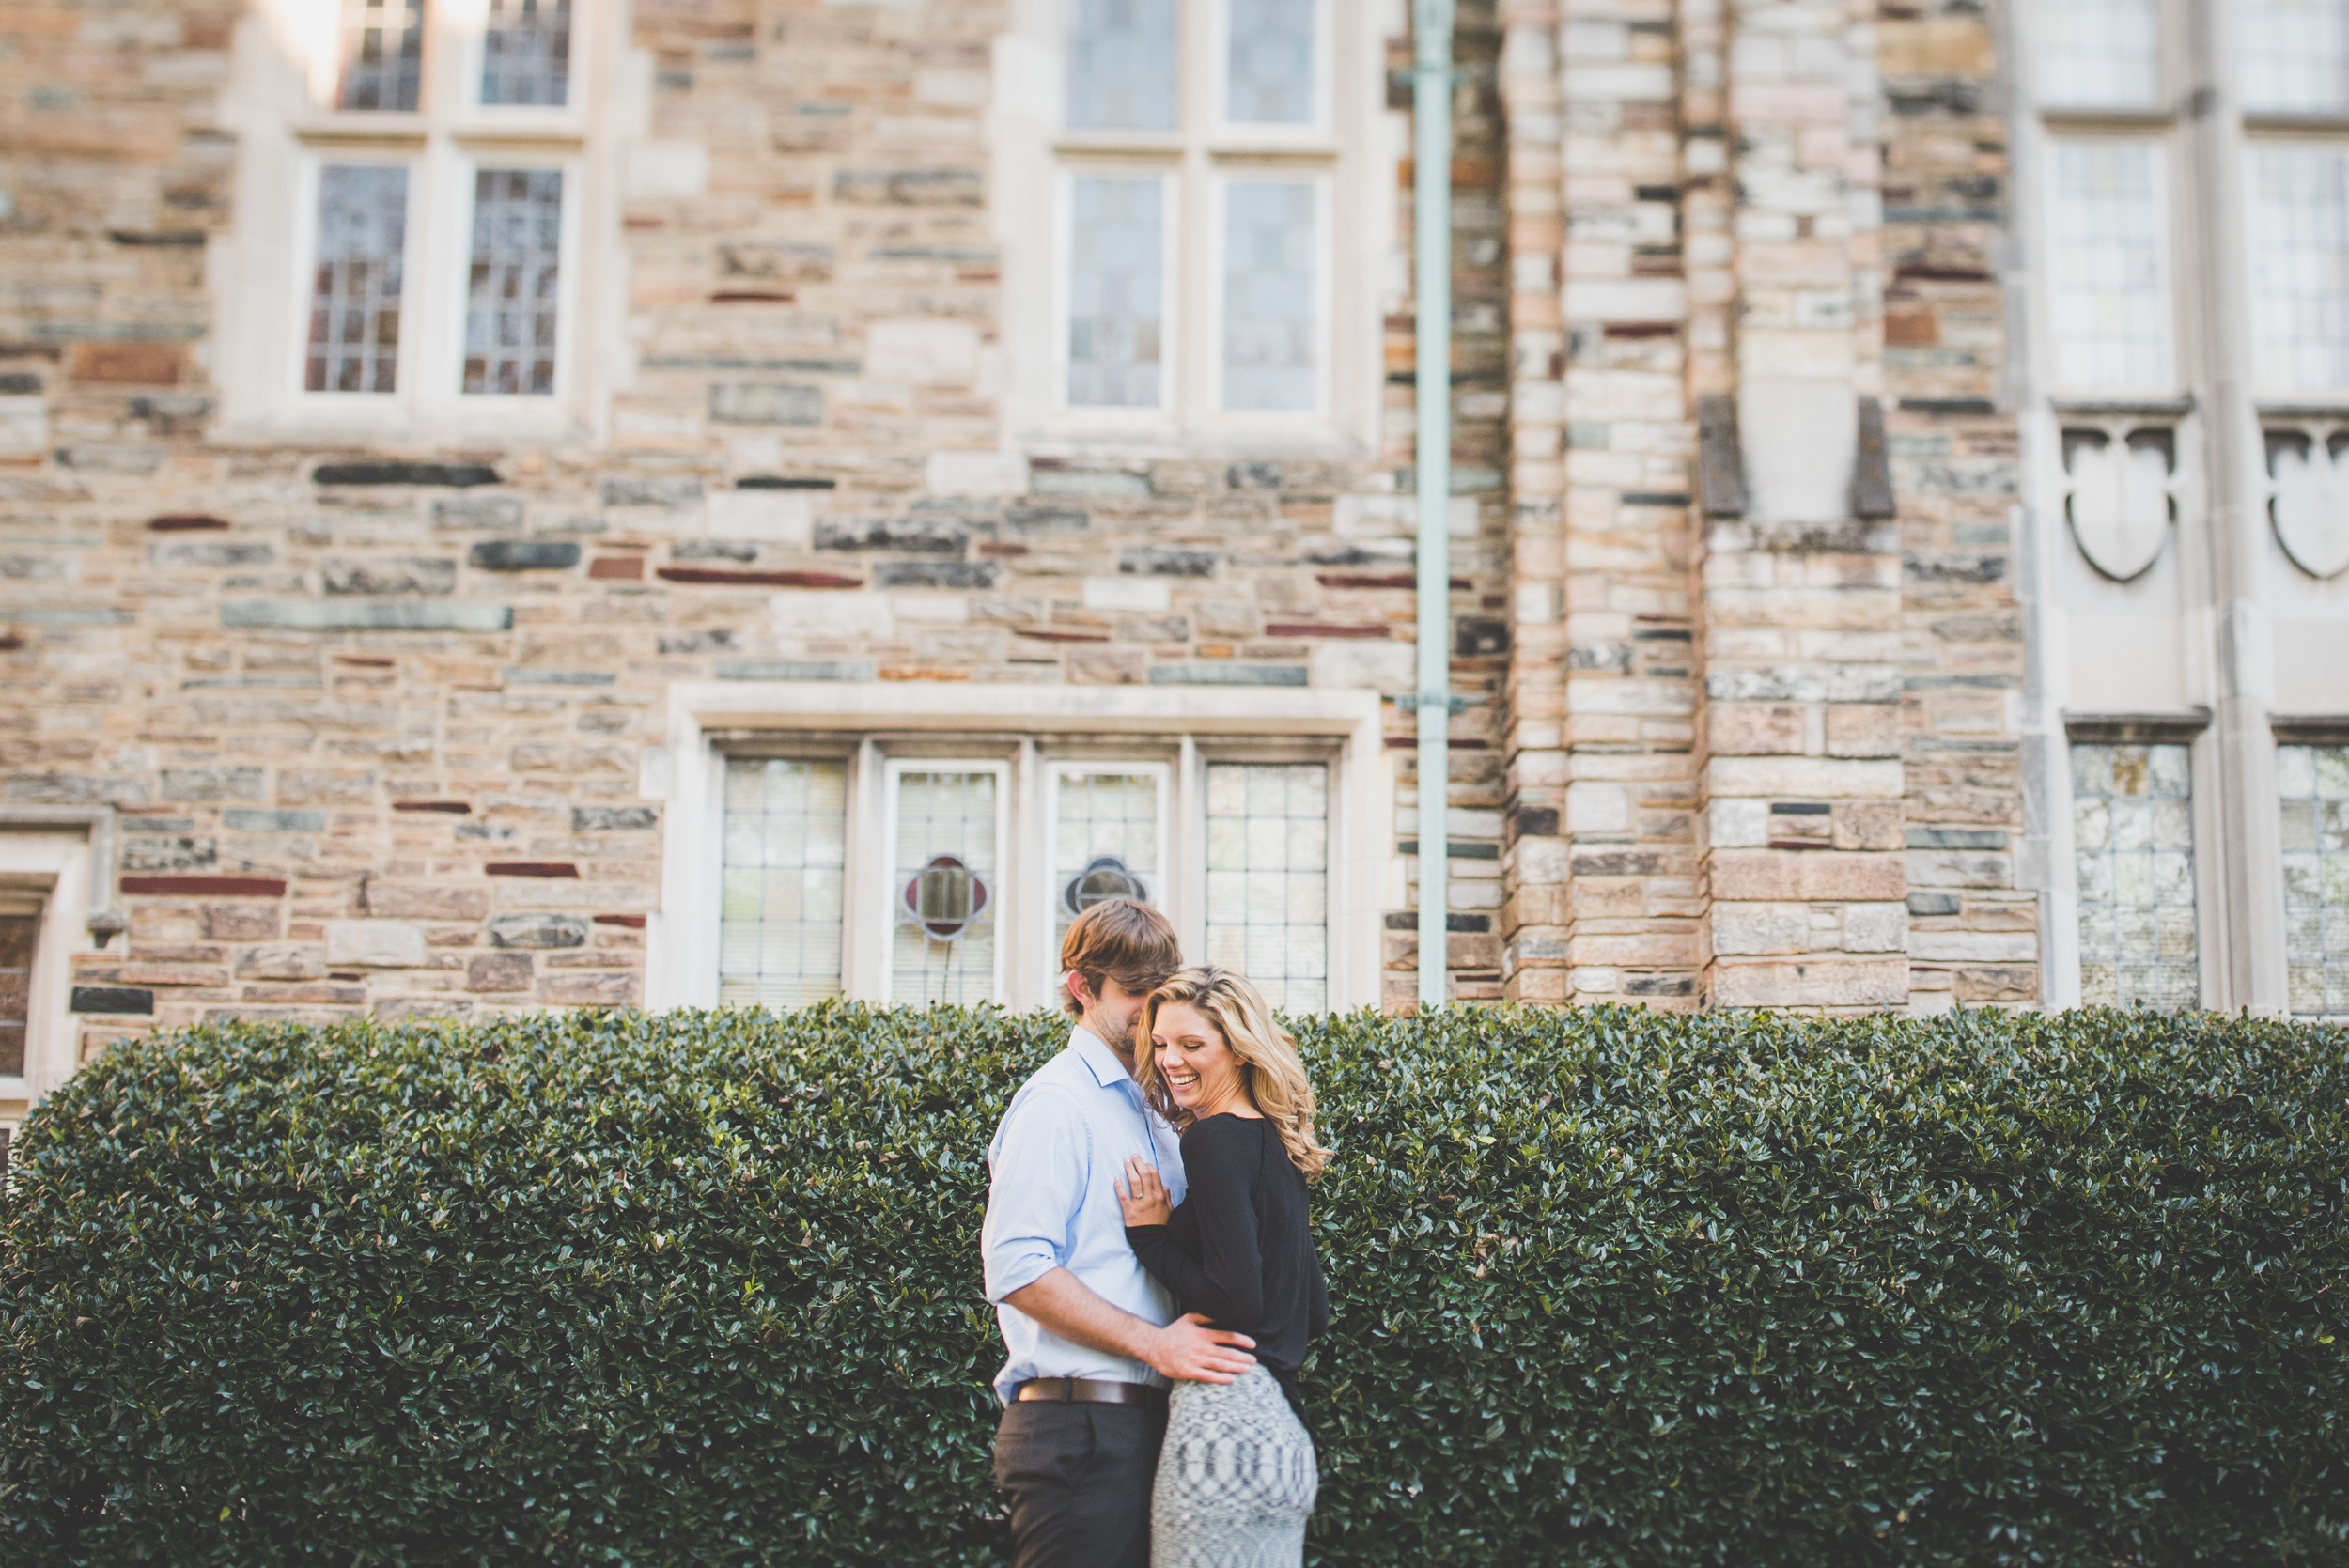 Scarritt-Bennett-War-Memorial-Downtown-Nashville-Wedding-Photographer-4.jpg